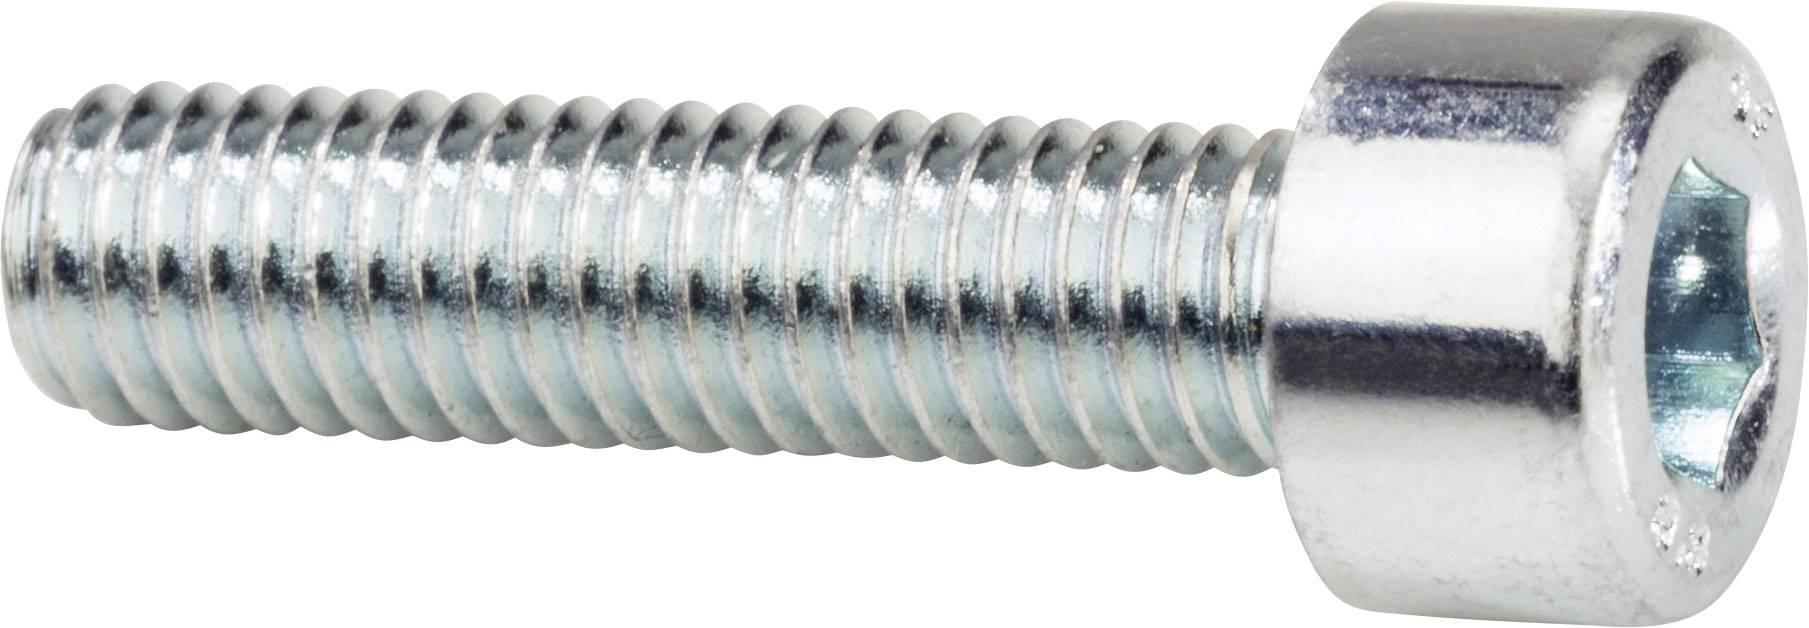 Šrouby s válcovou hlavou 912, 5x16, 100 ks